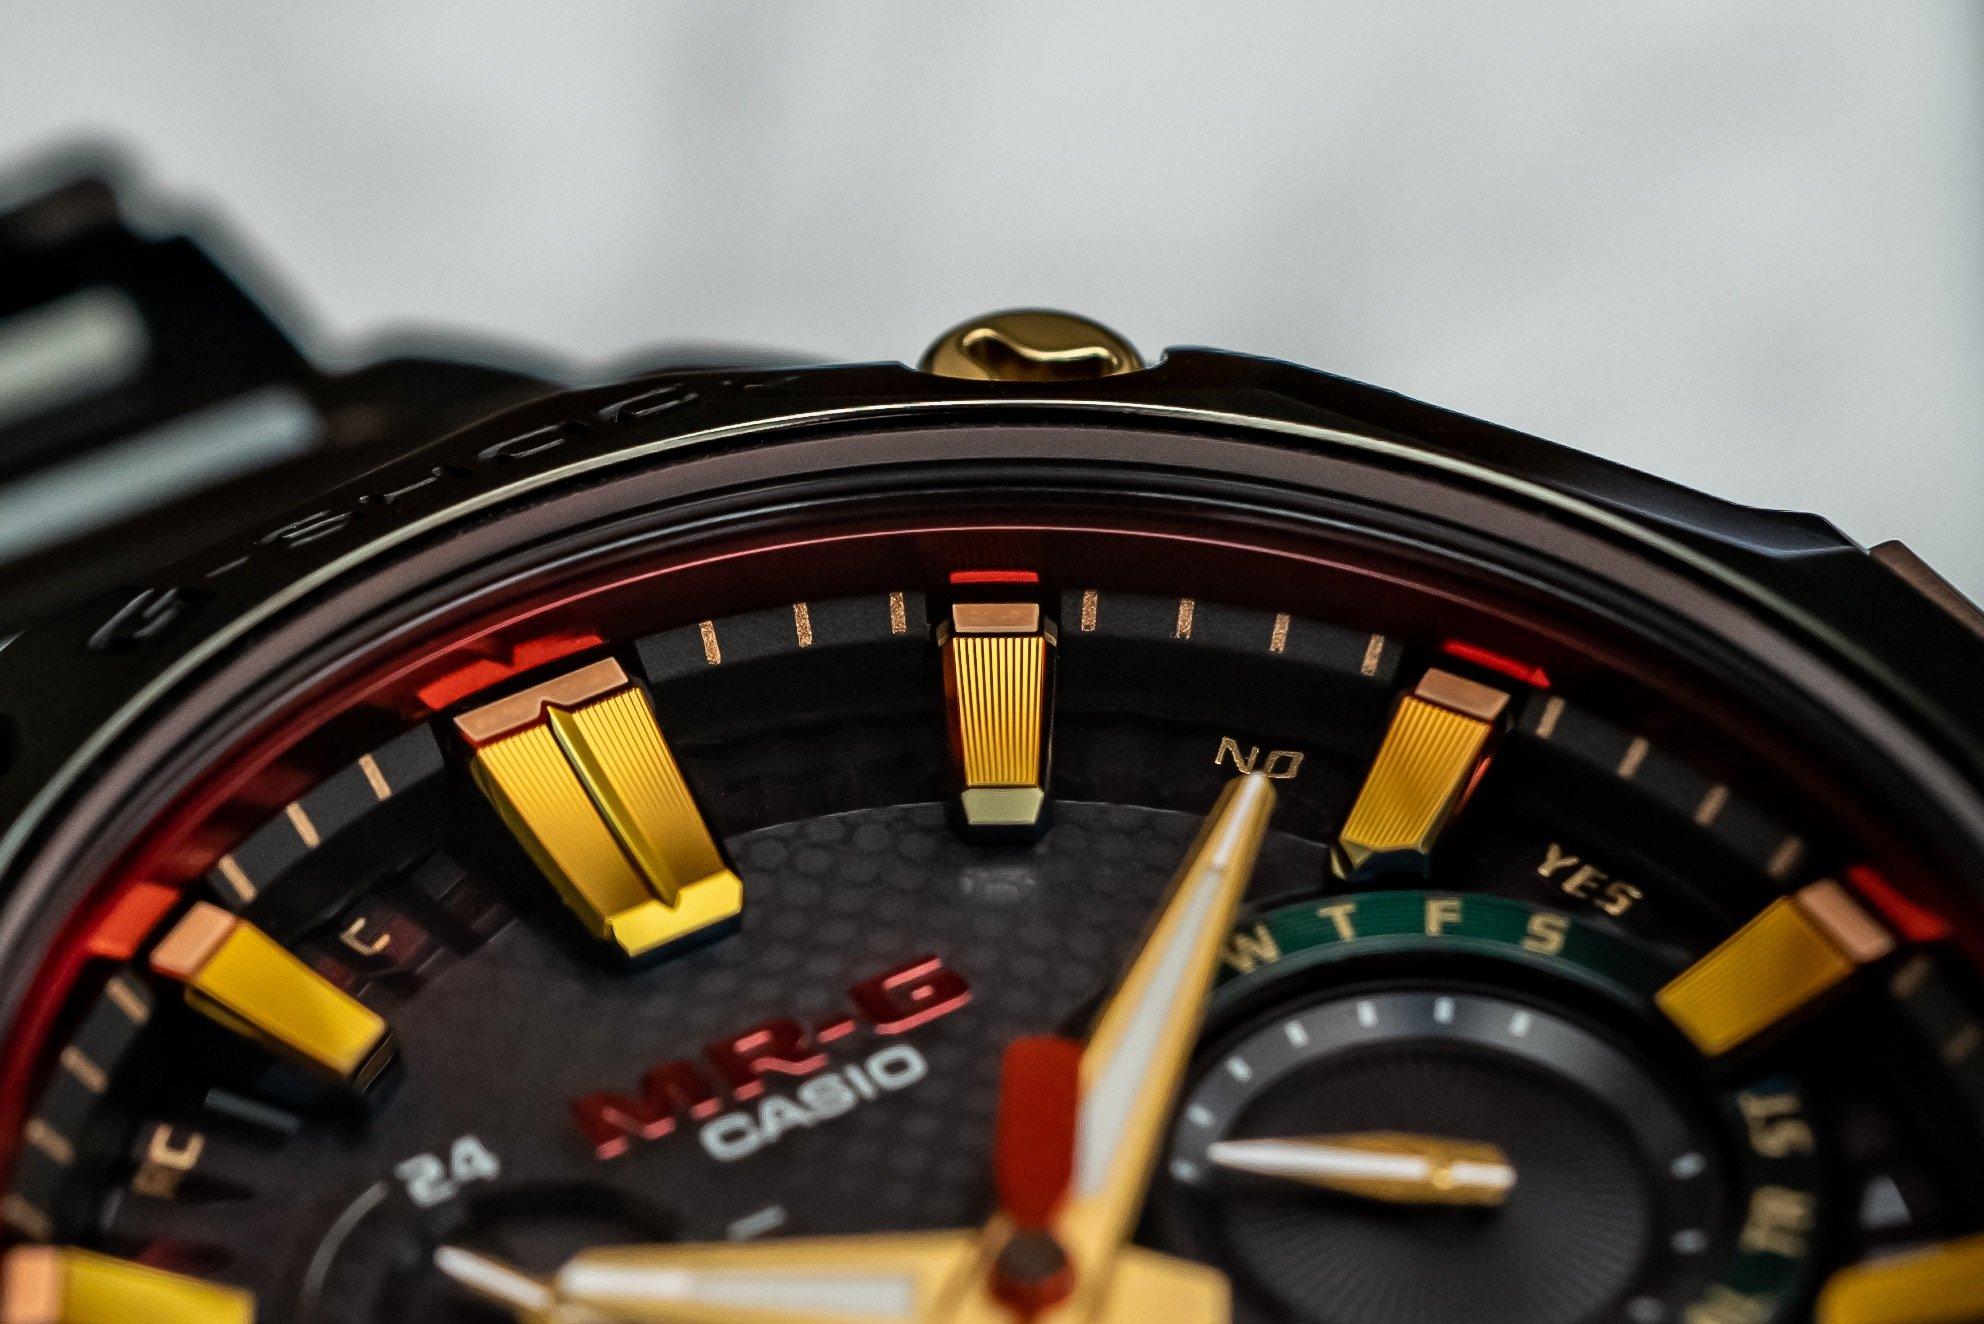 Часы Casio G-Shock MR-G Hana-Basara, вдохновленные самурайскими доспехами